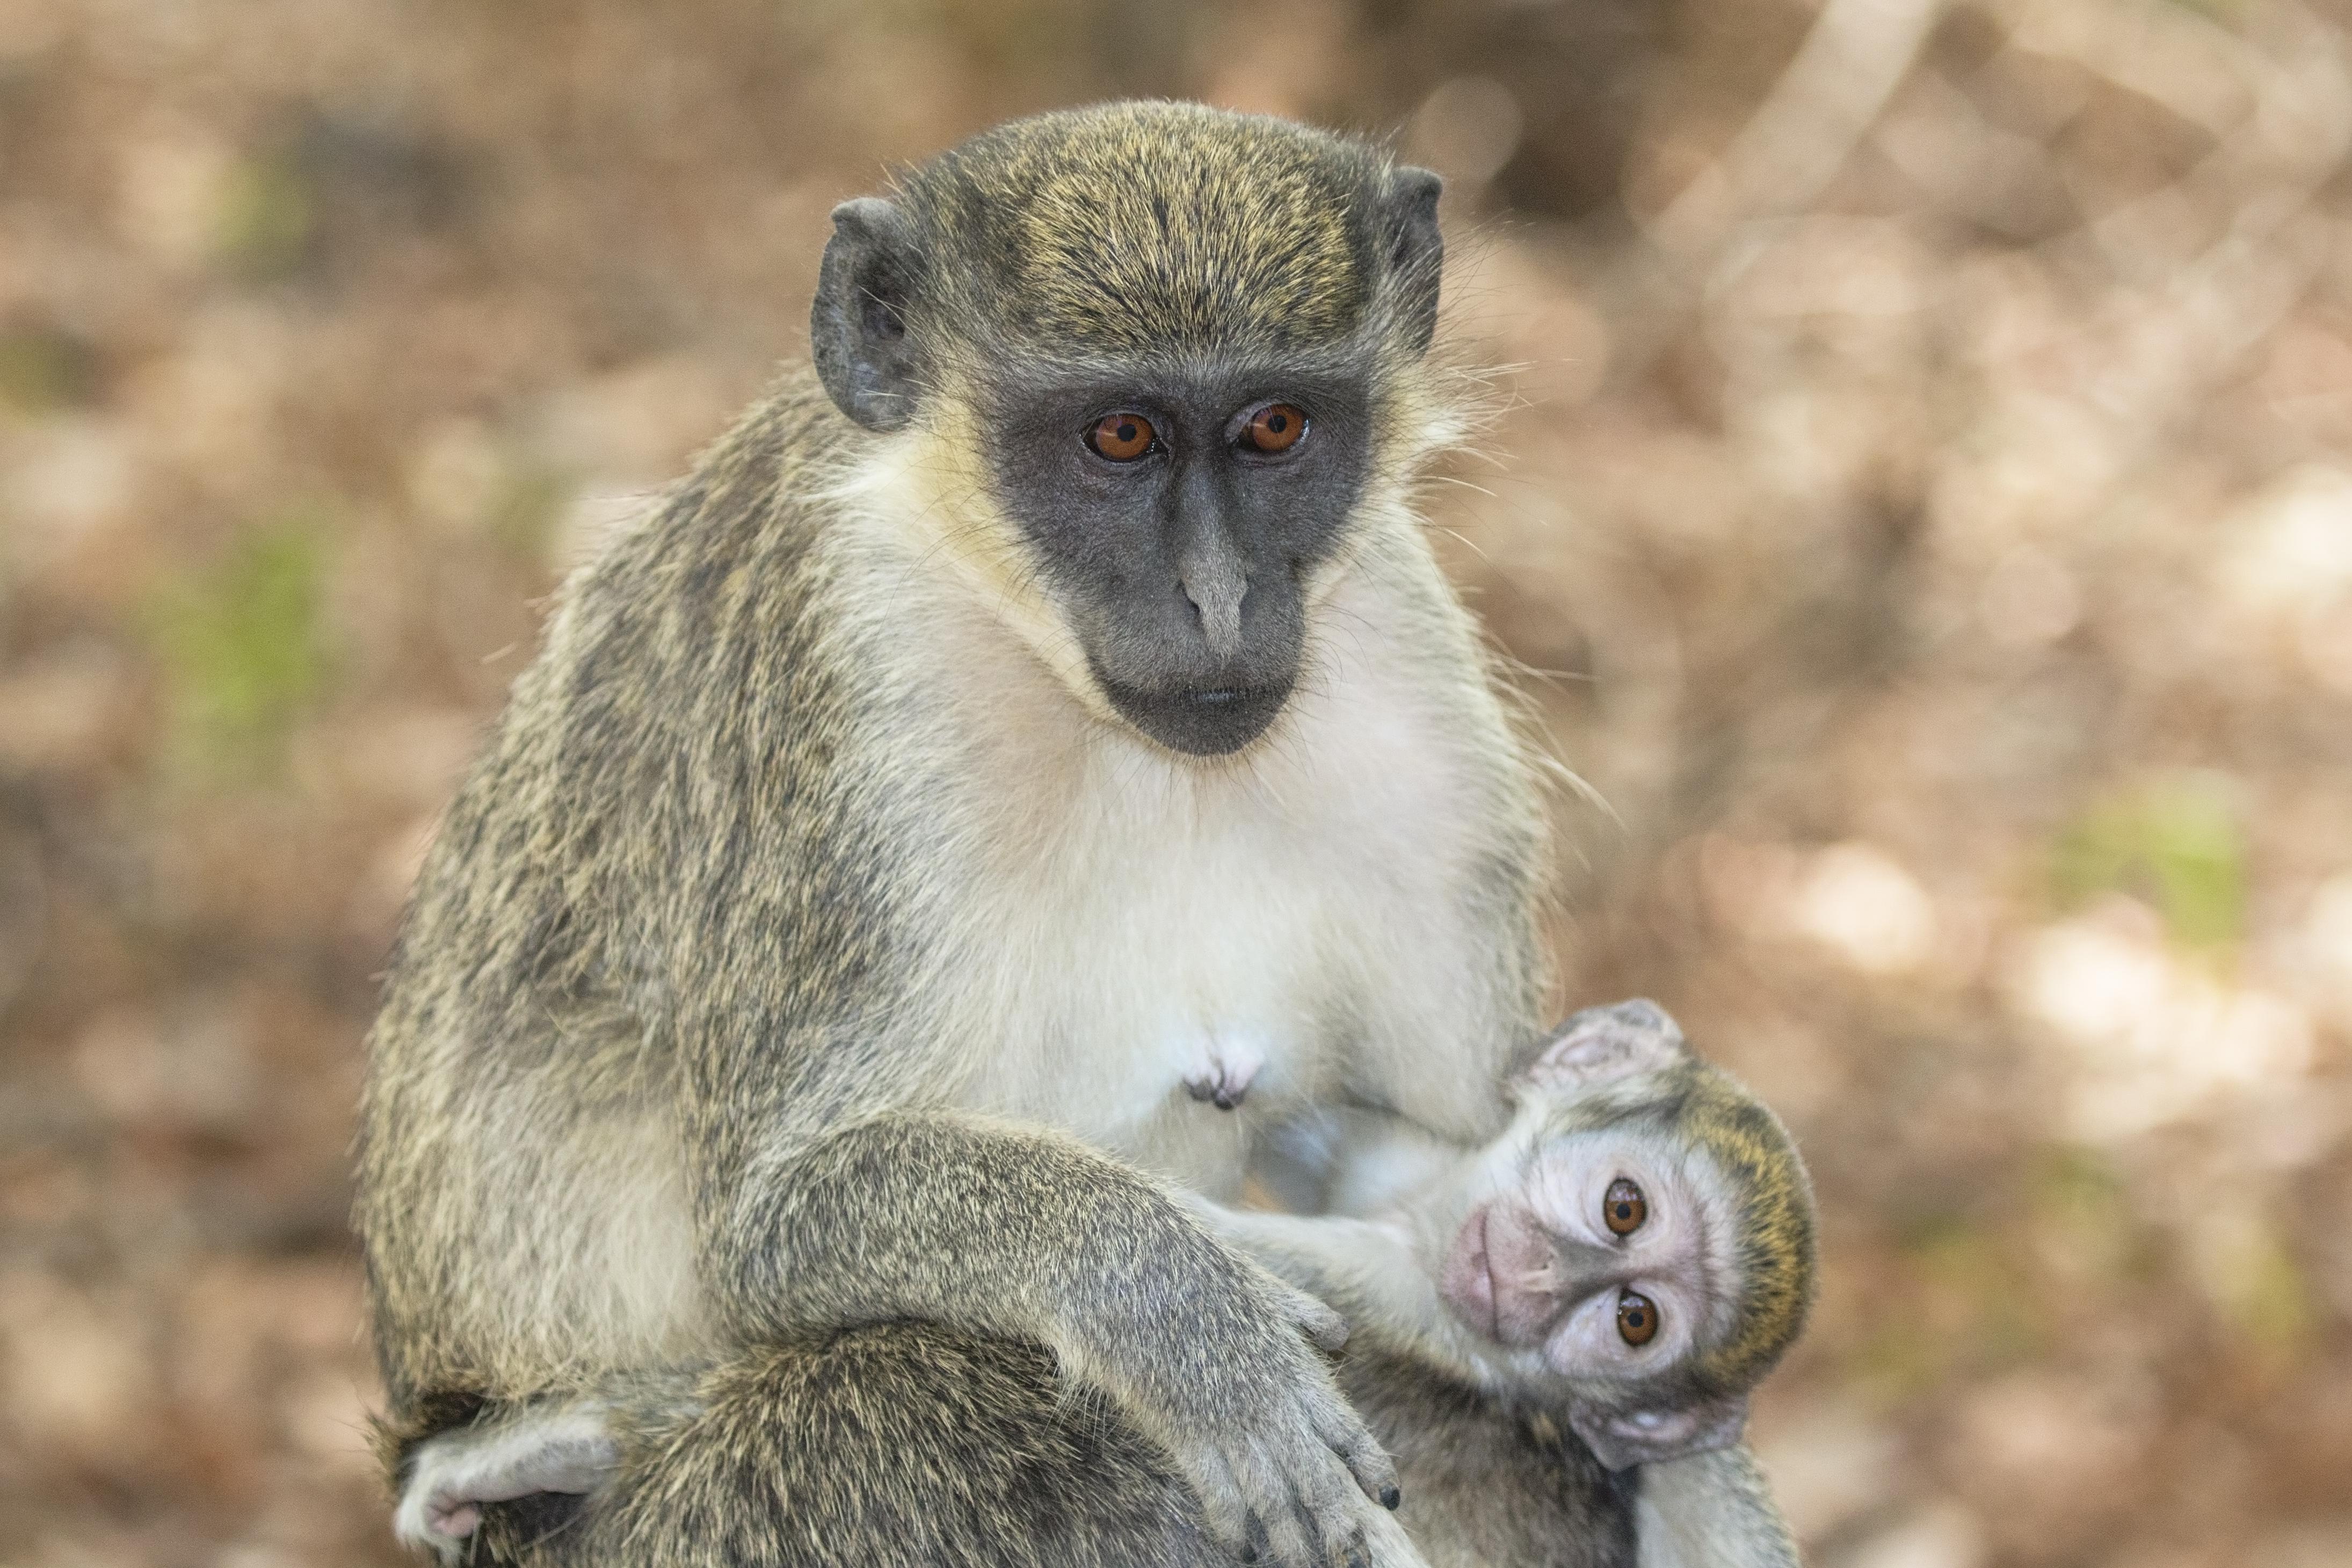 How Do Monkeys Eat Their Food